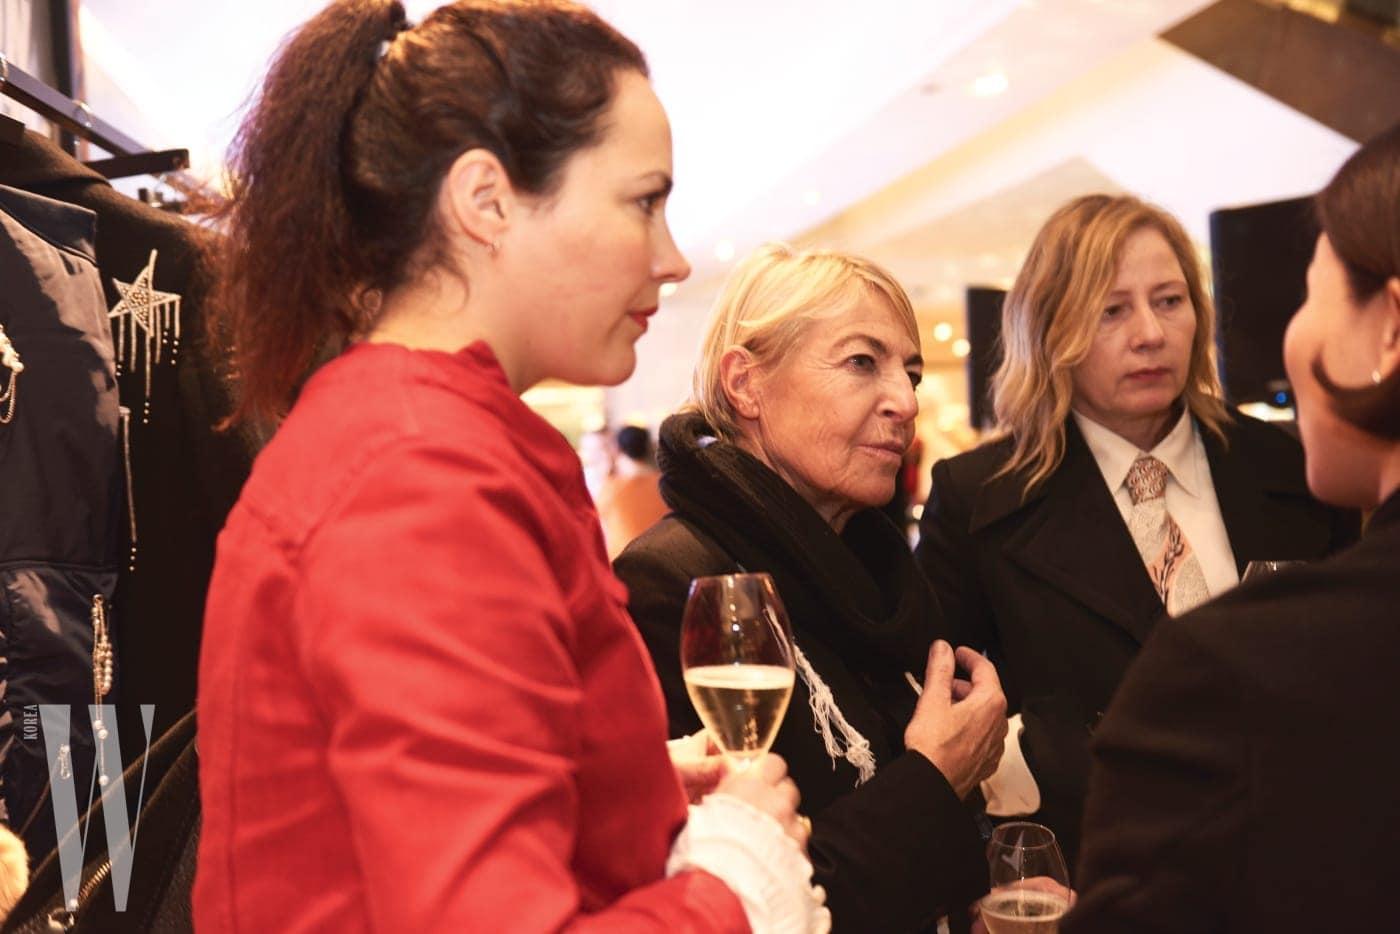 영국패션협회의 안나 오르시니와 패션 저널리스트 사라 무어가 참석해 이번 프로젝트를 관심 있게 지켜봤다.